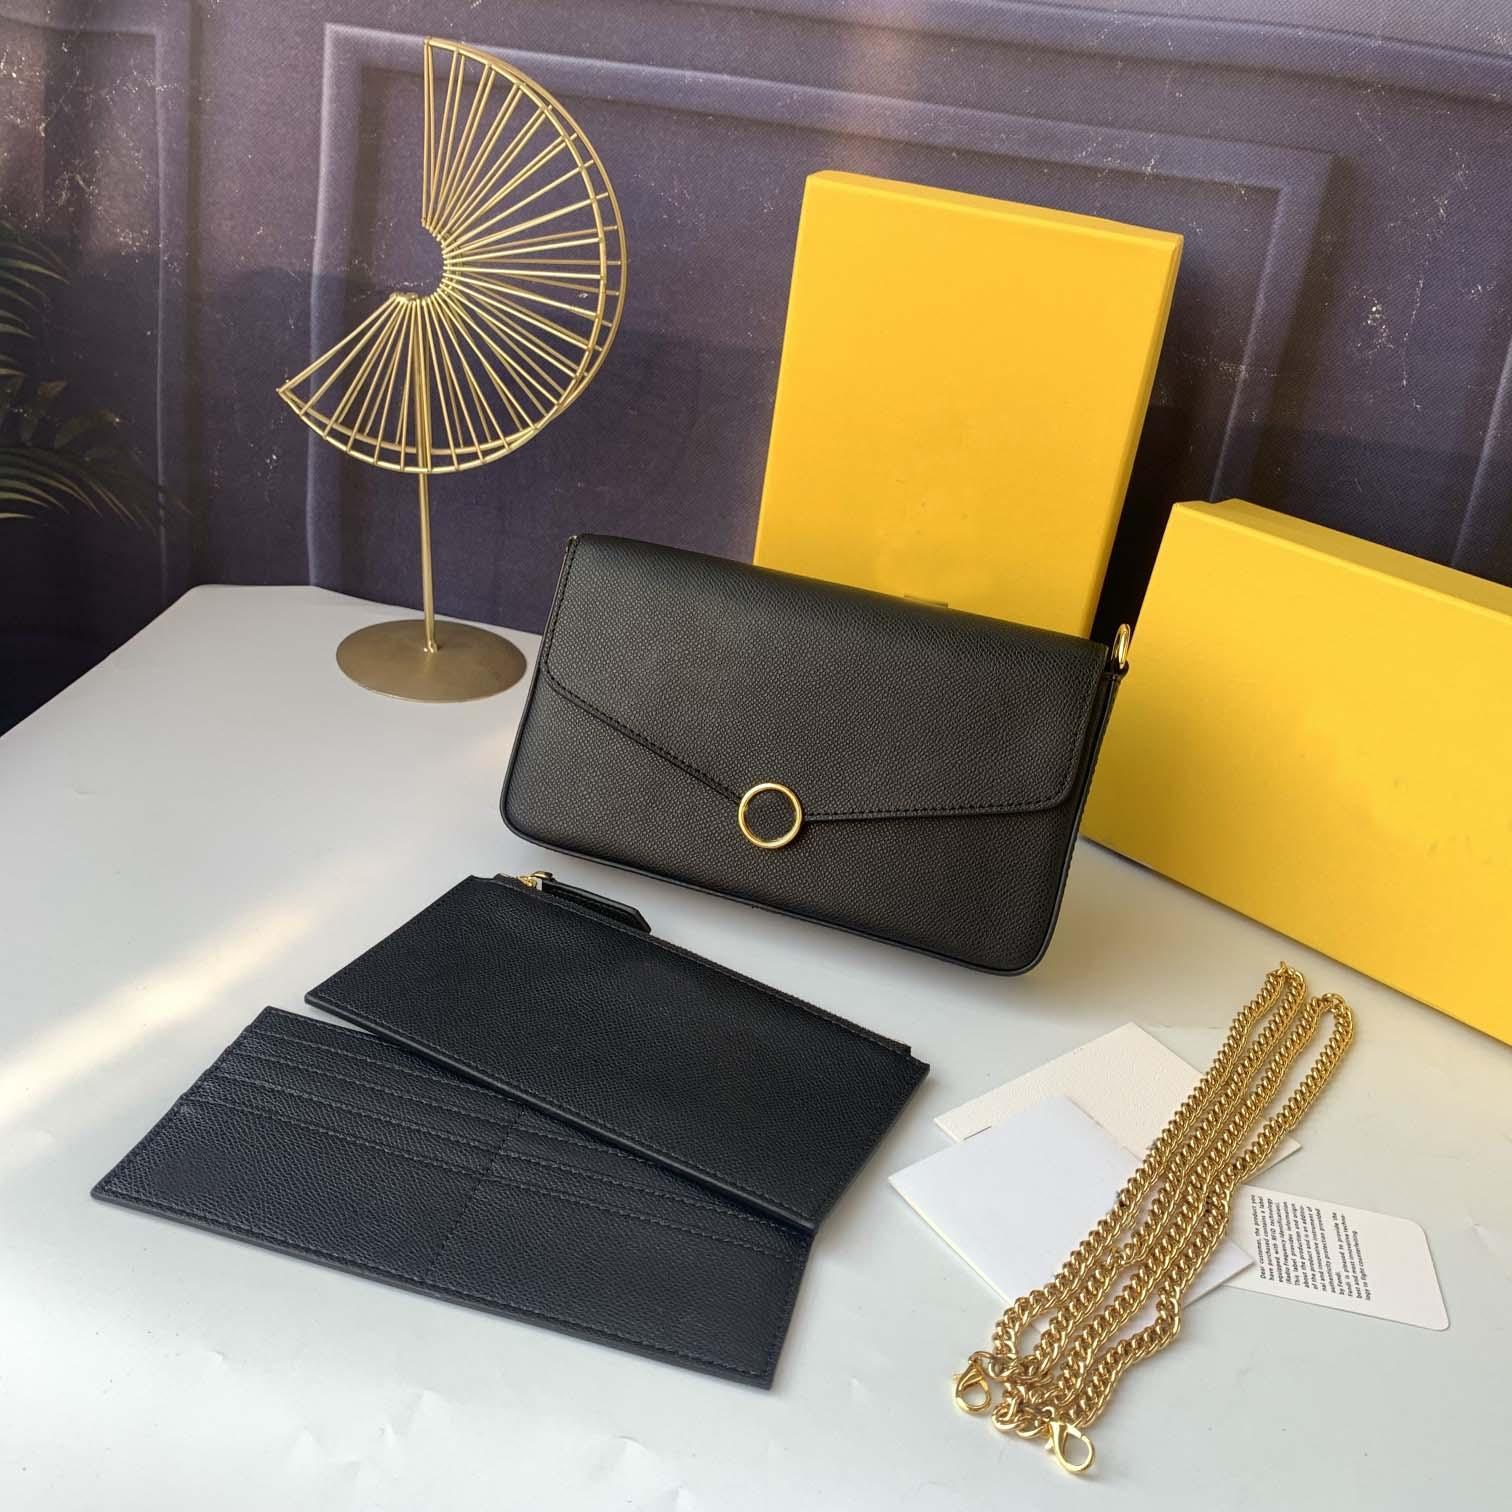 2021 Neue Frauen Favorite Echtes Leder Mode F Handtaschen Multi Pochete Accessoires Geldbörsen Blume Mini Pichette 3 stücke Crossbody Bag Umhängetaschen